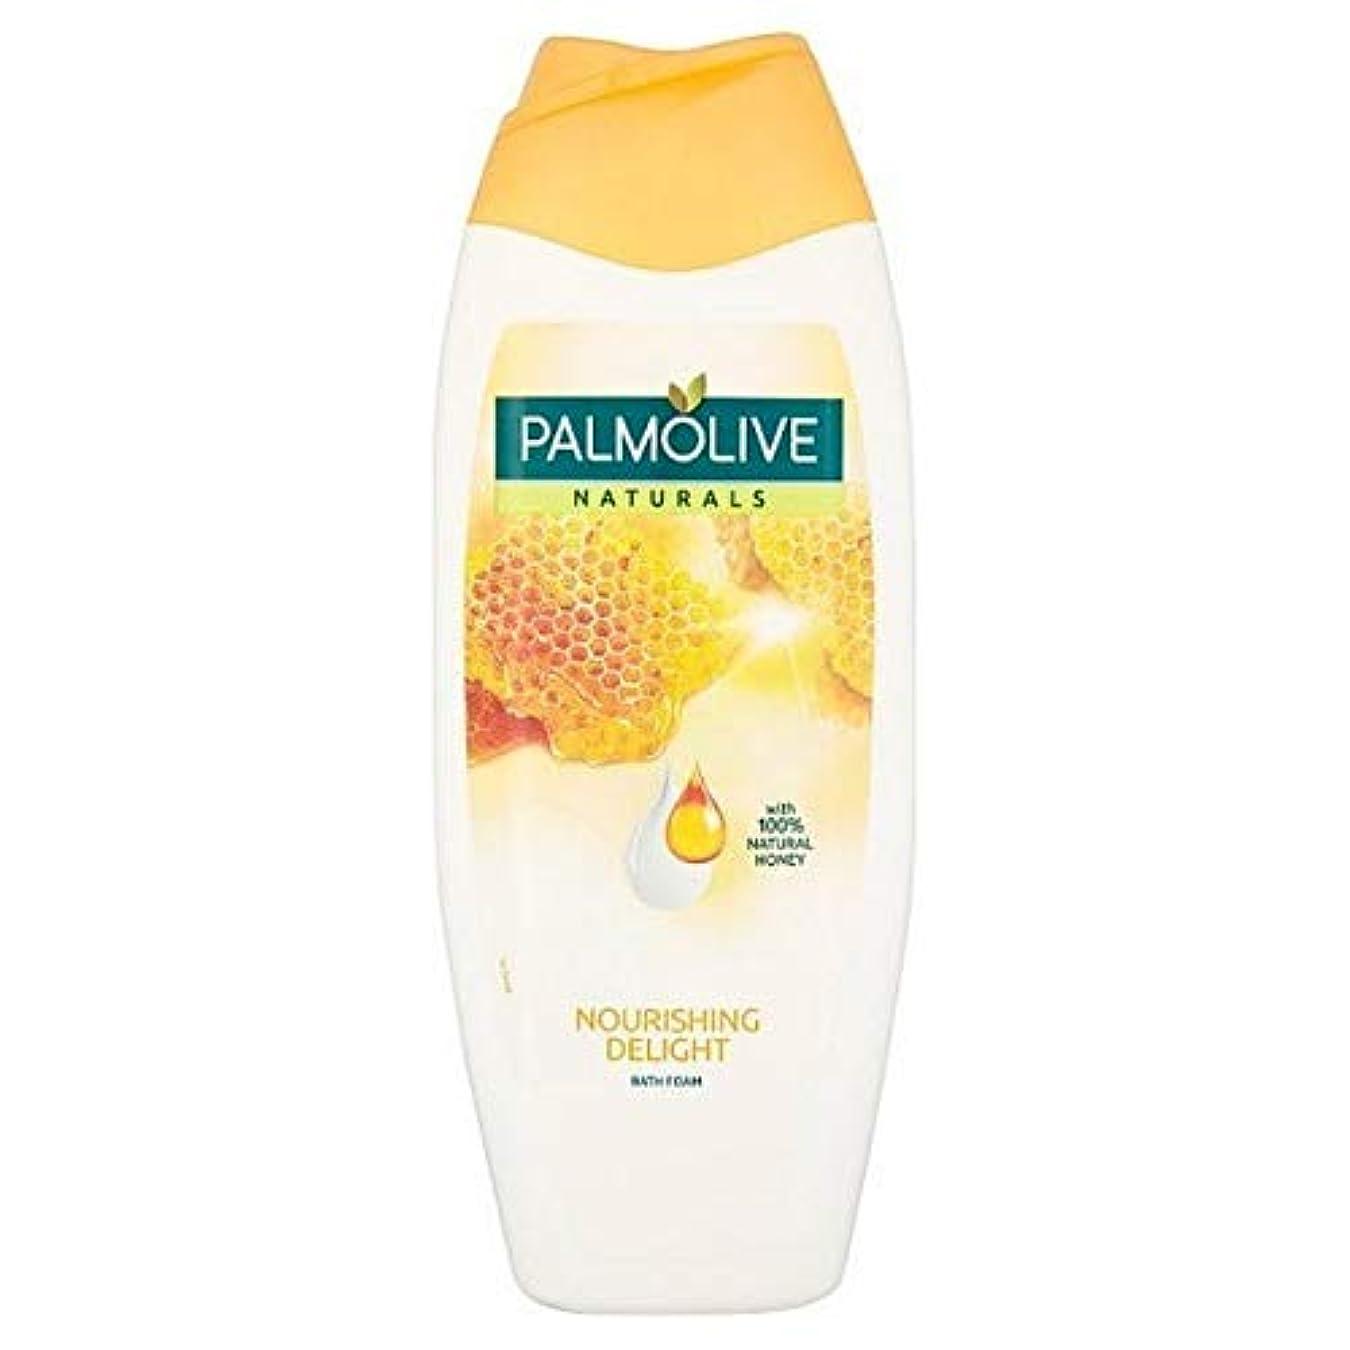 暫定のウェブ証明[Palmolive ] 蜂蜜の500ミリリットルとパルモバスミルク - Palmolive Bath Milk With Honey 500ml [並行輸入品]